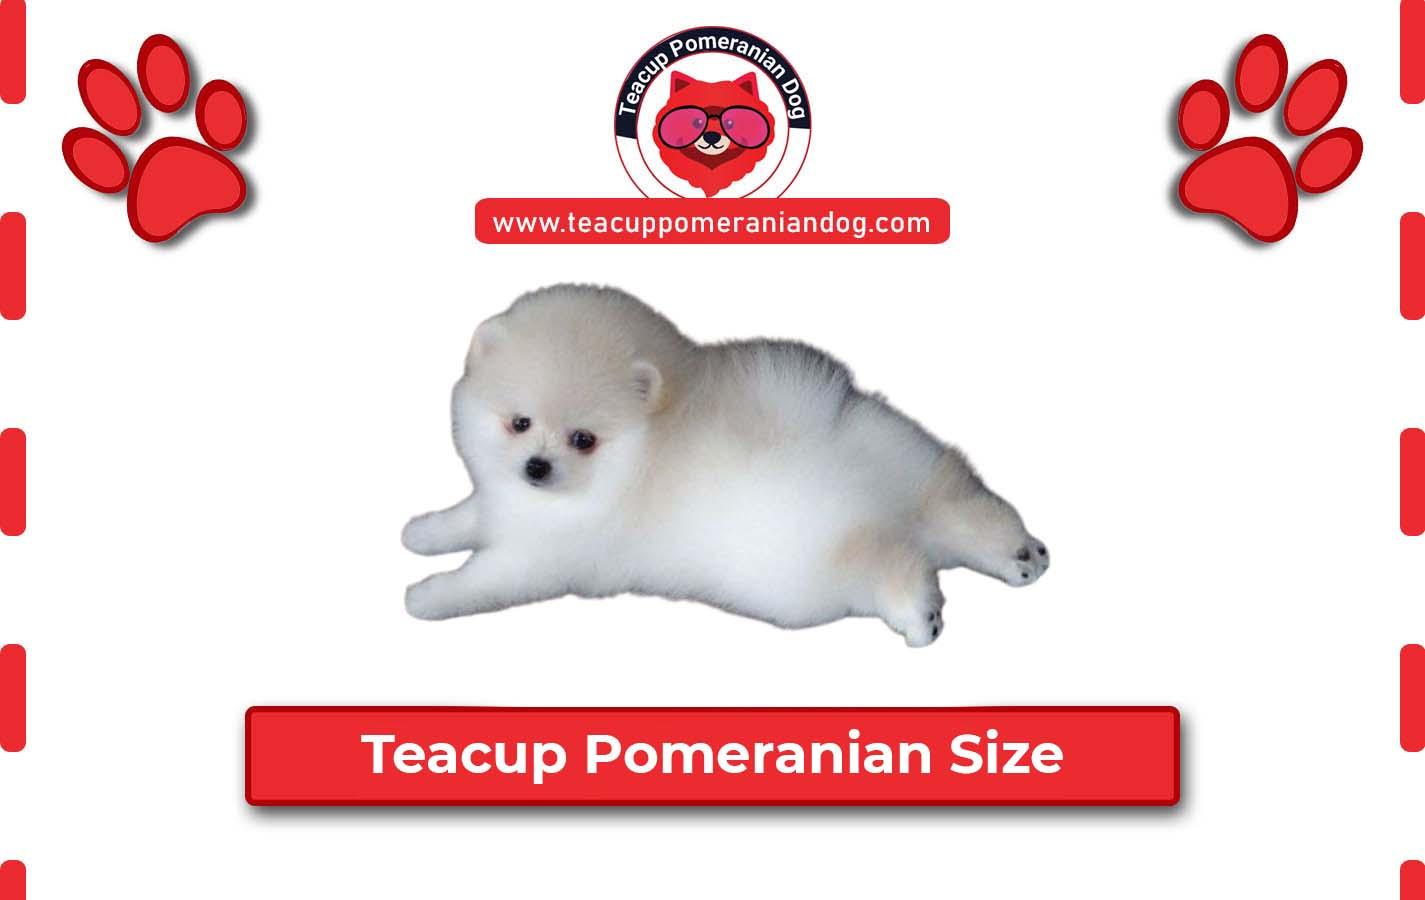 Teacup Pomeranian Size